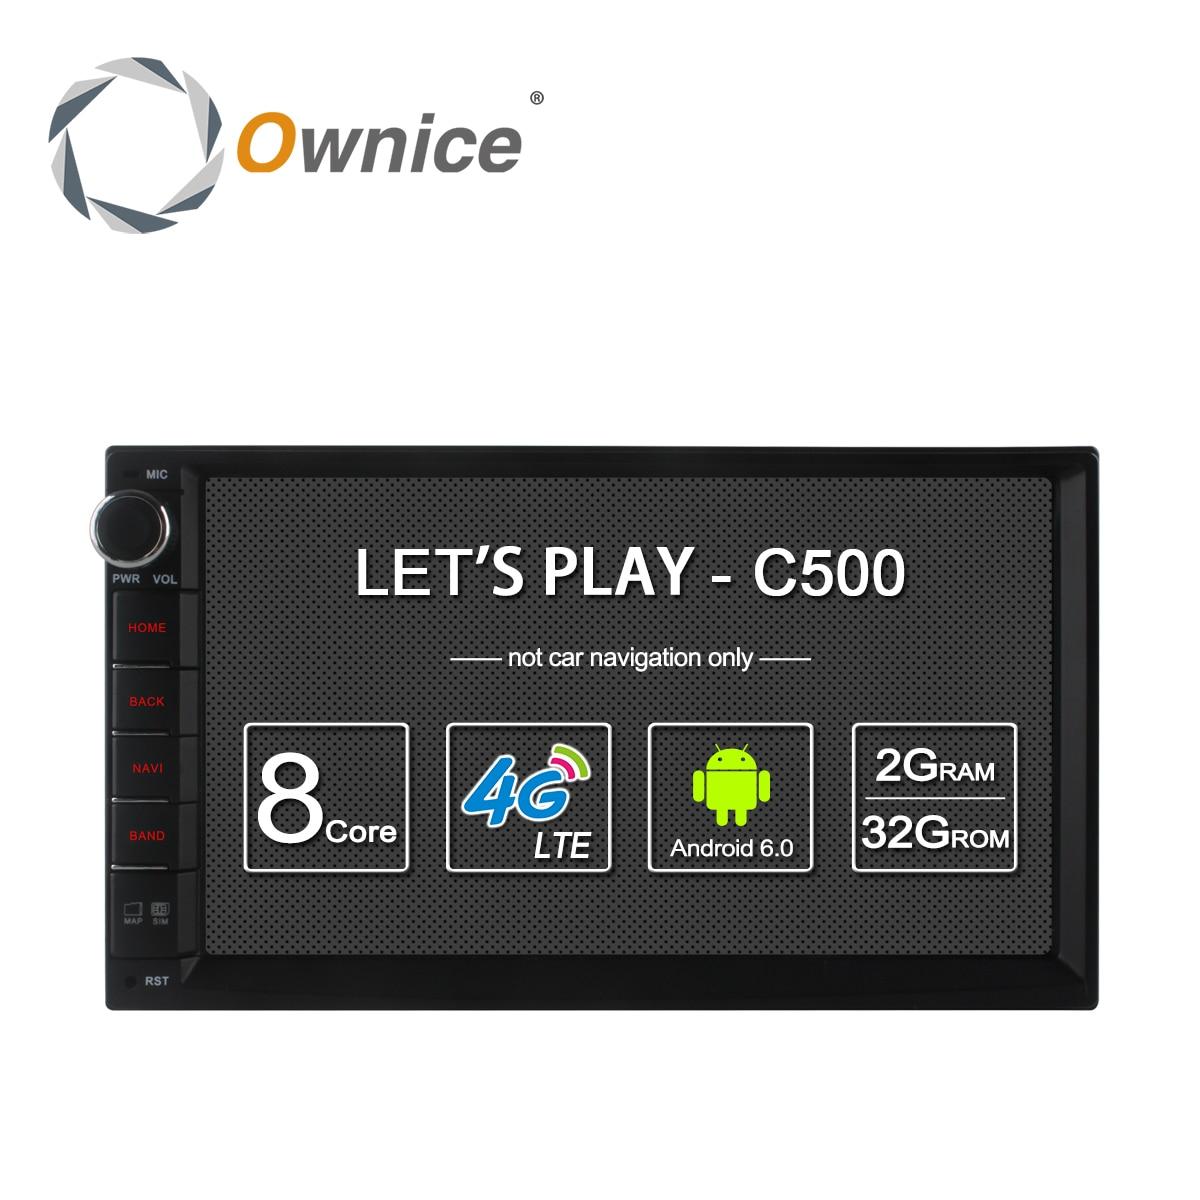 imágenes para Ownice C500 Android 6.0 Octa Core 2 din Universal Para Nissan GPS Navi BT Radio Estéreo Reproductor de Audio (No DVD) construir-en 4G Moudule